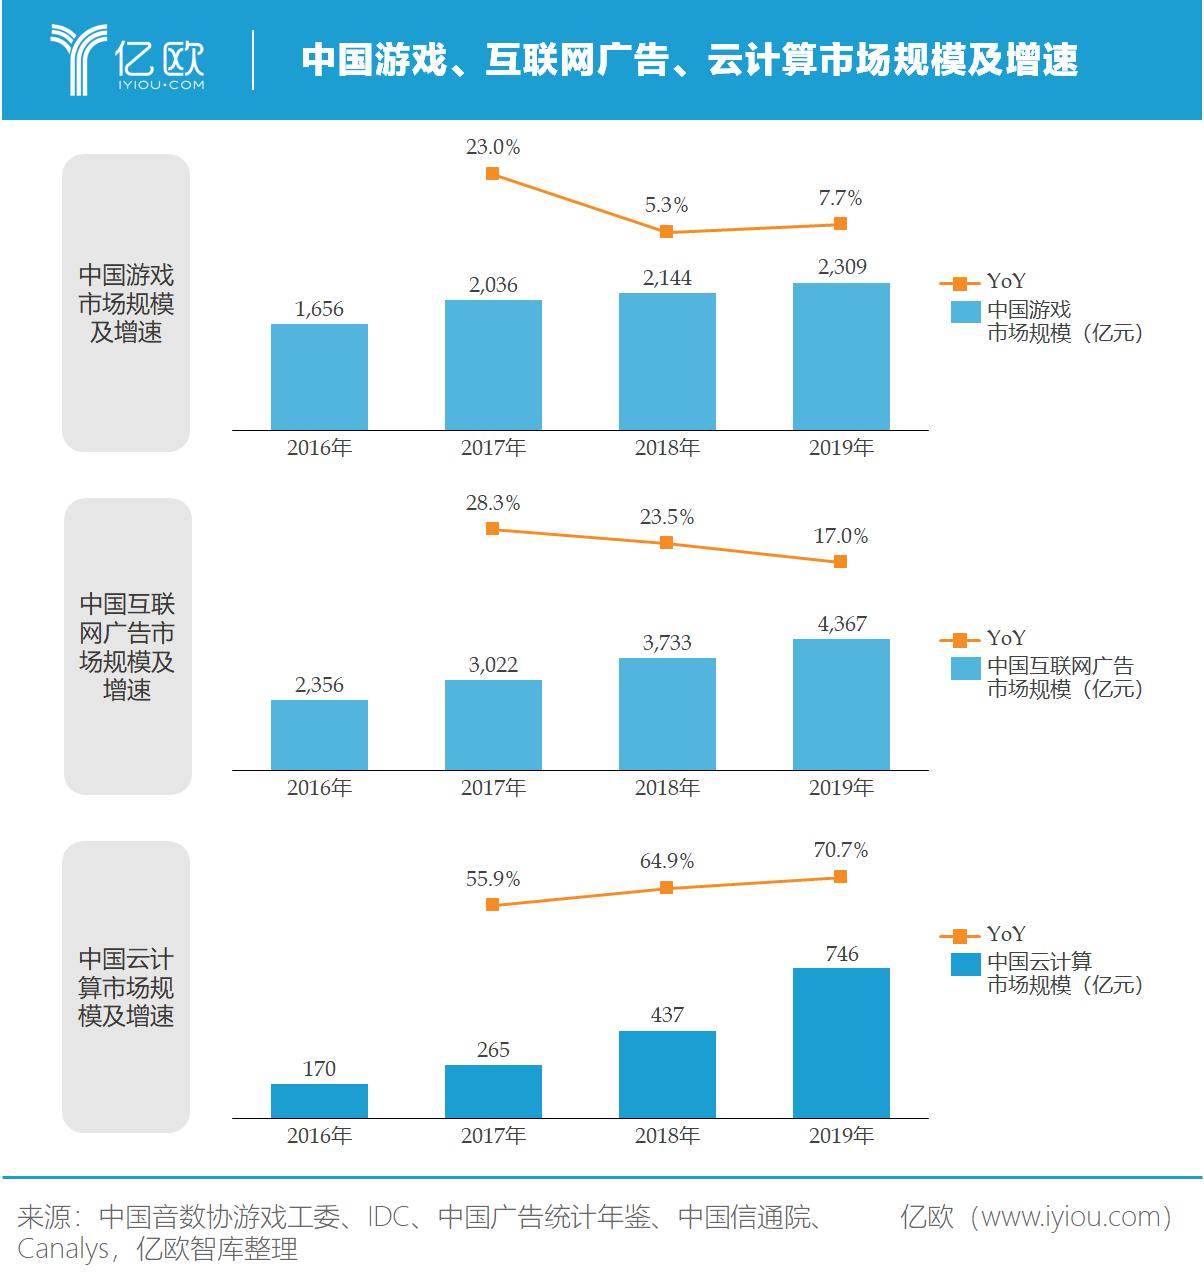 億歐智庫:騰訊所在三大市場發展情況